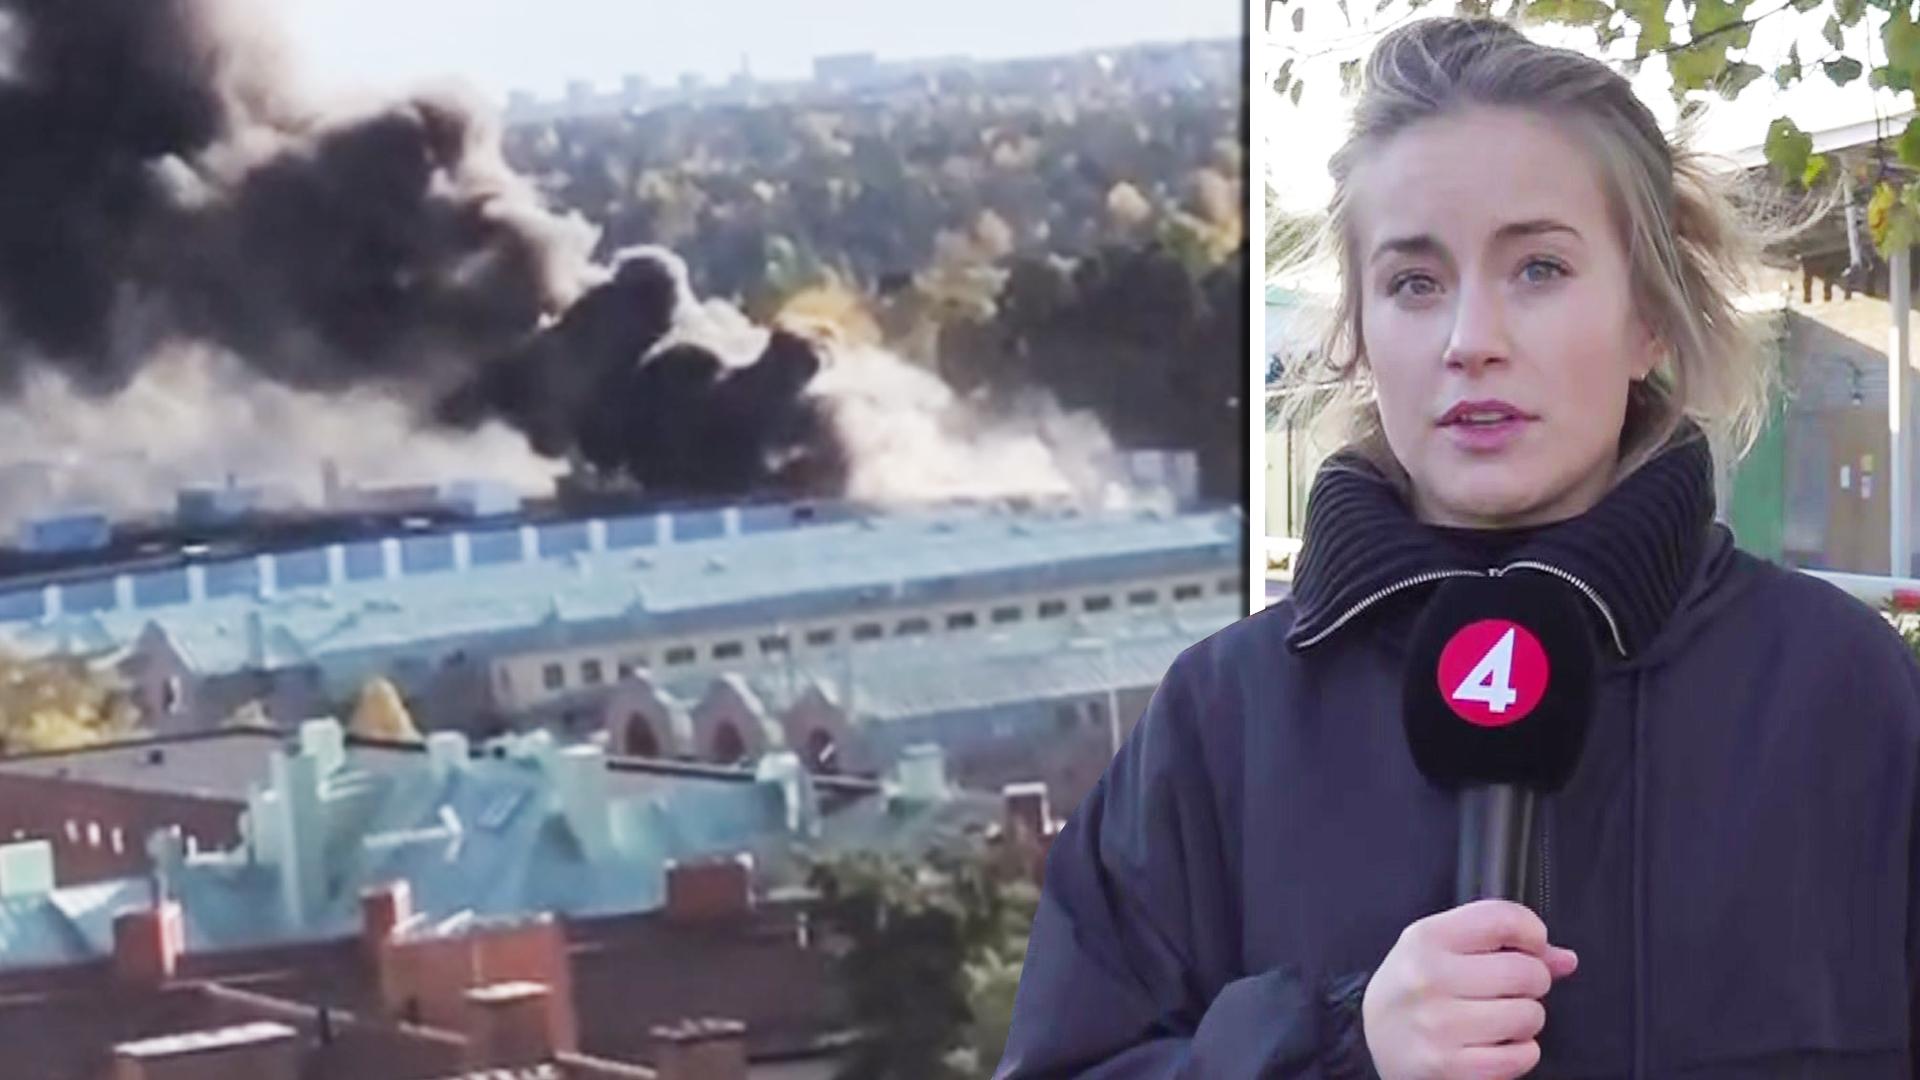 Storbrand nära Globen i Stockholm – kraftig rökutveckling